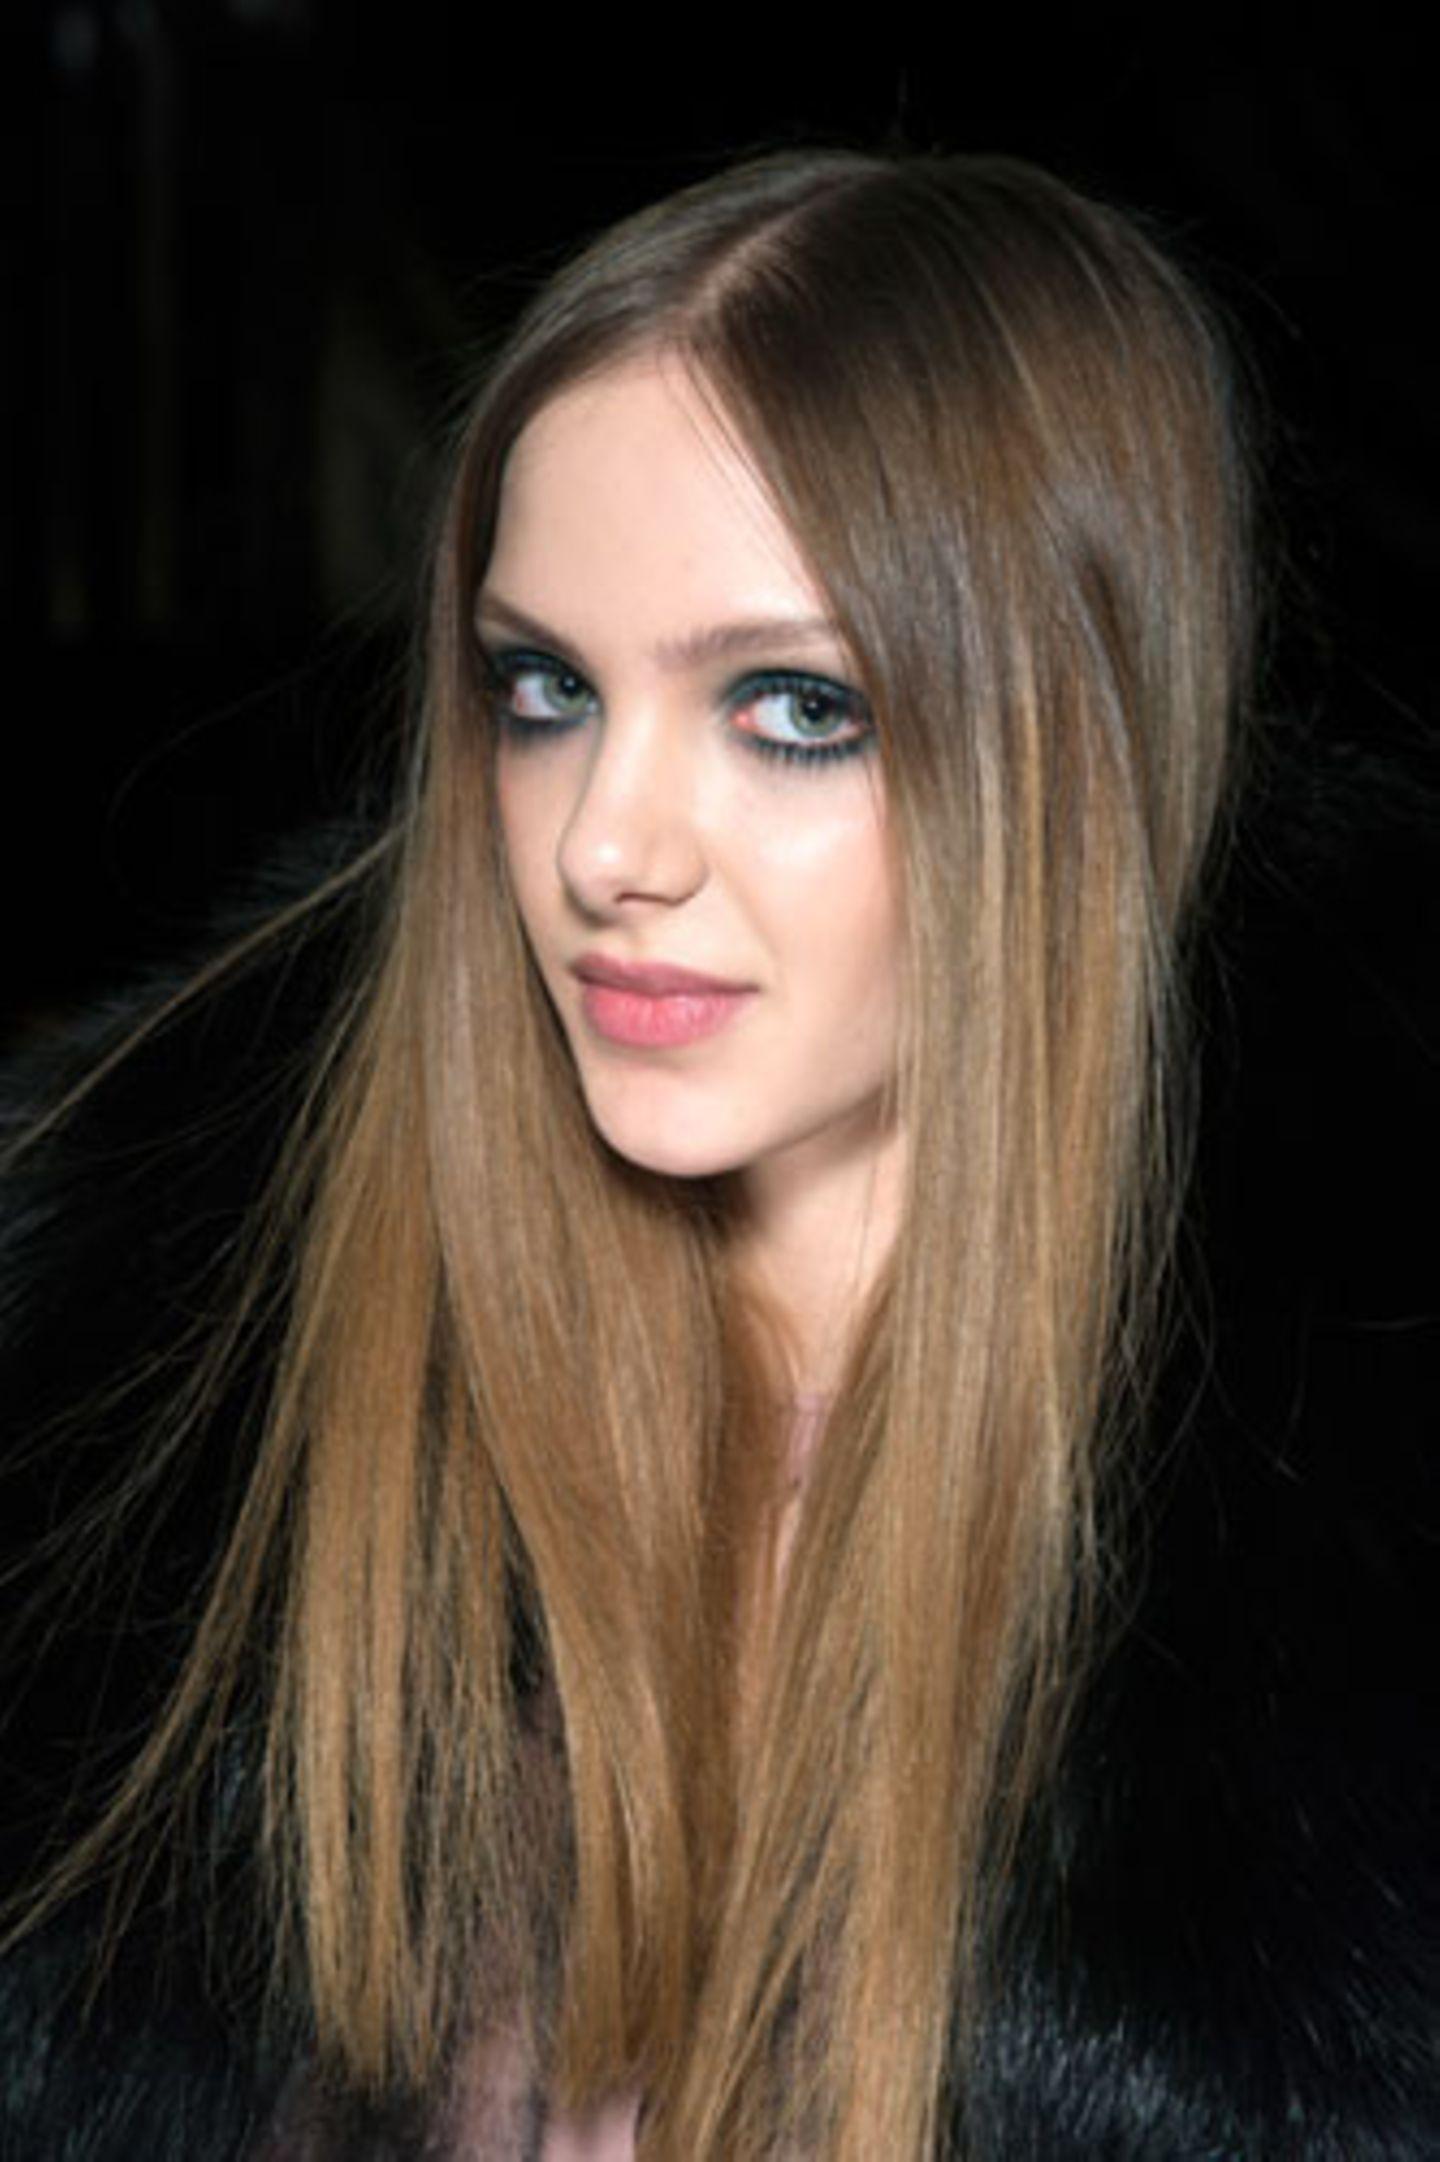 Wie Frisuren wirken: Lange glatte Haare